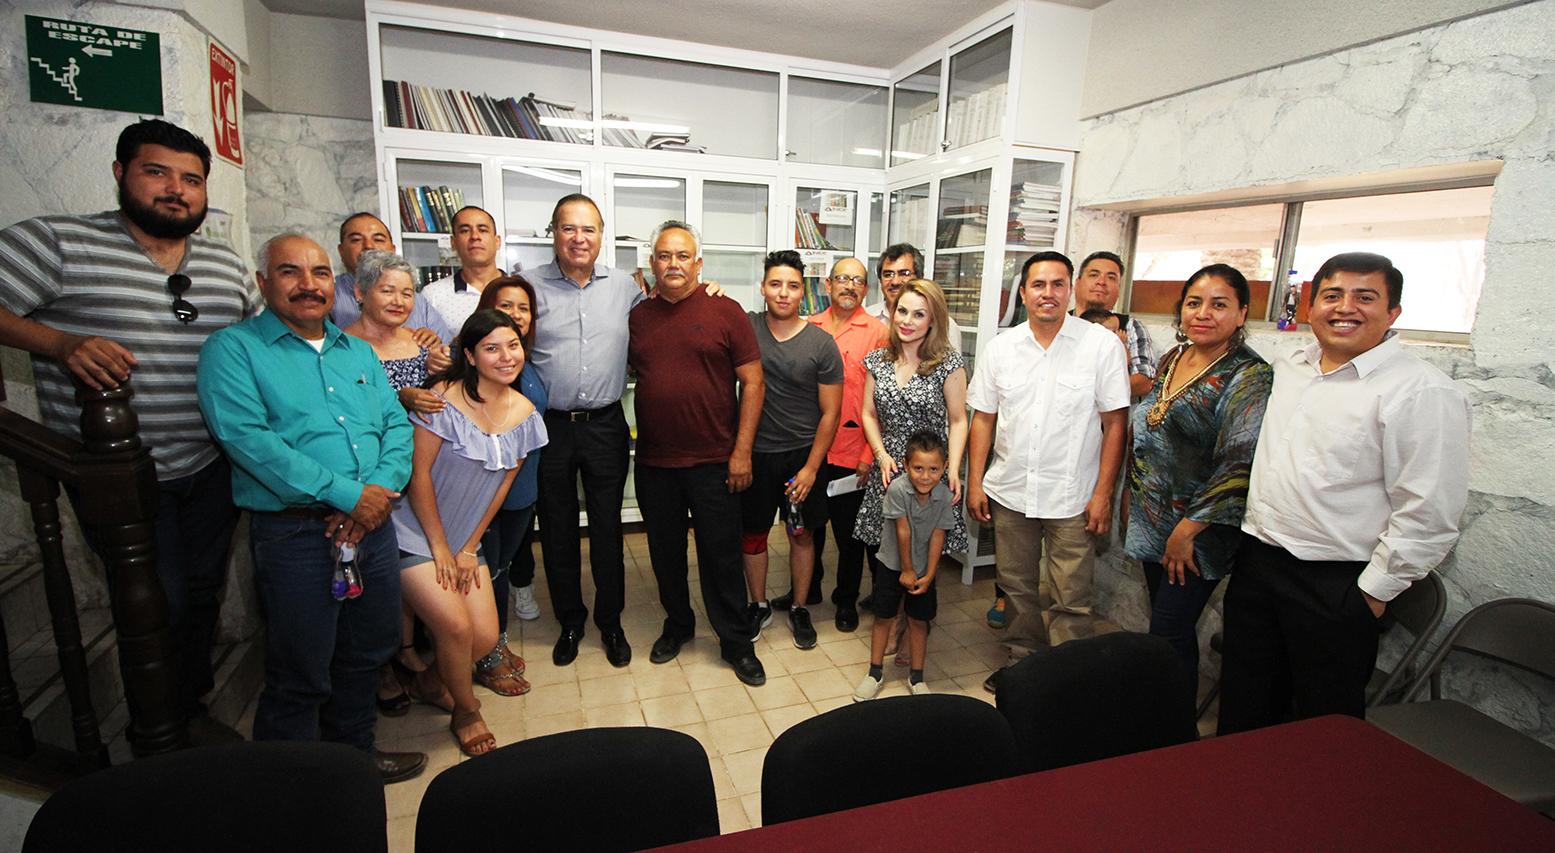 ENCABEZA ARTURO GONZÁLEZ CRUZ REUNIÓN DE MOREBC CON DIRIGENTES Y MILITANCIA DE MORENA EN TECATE